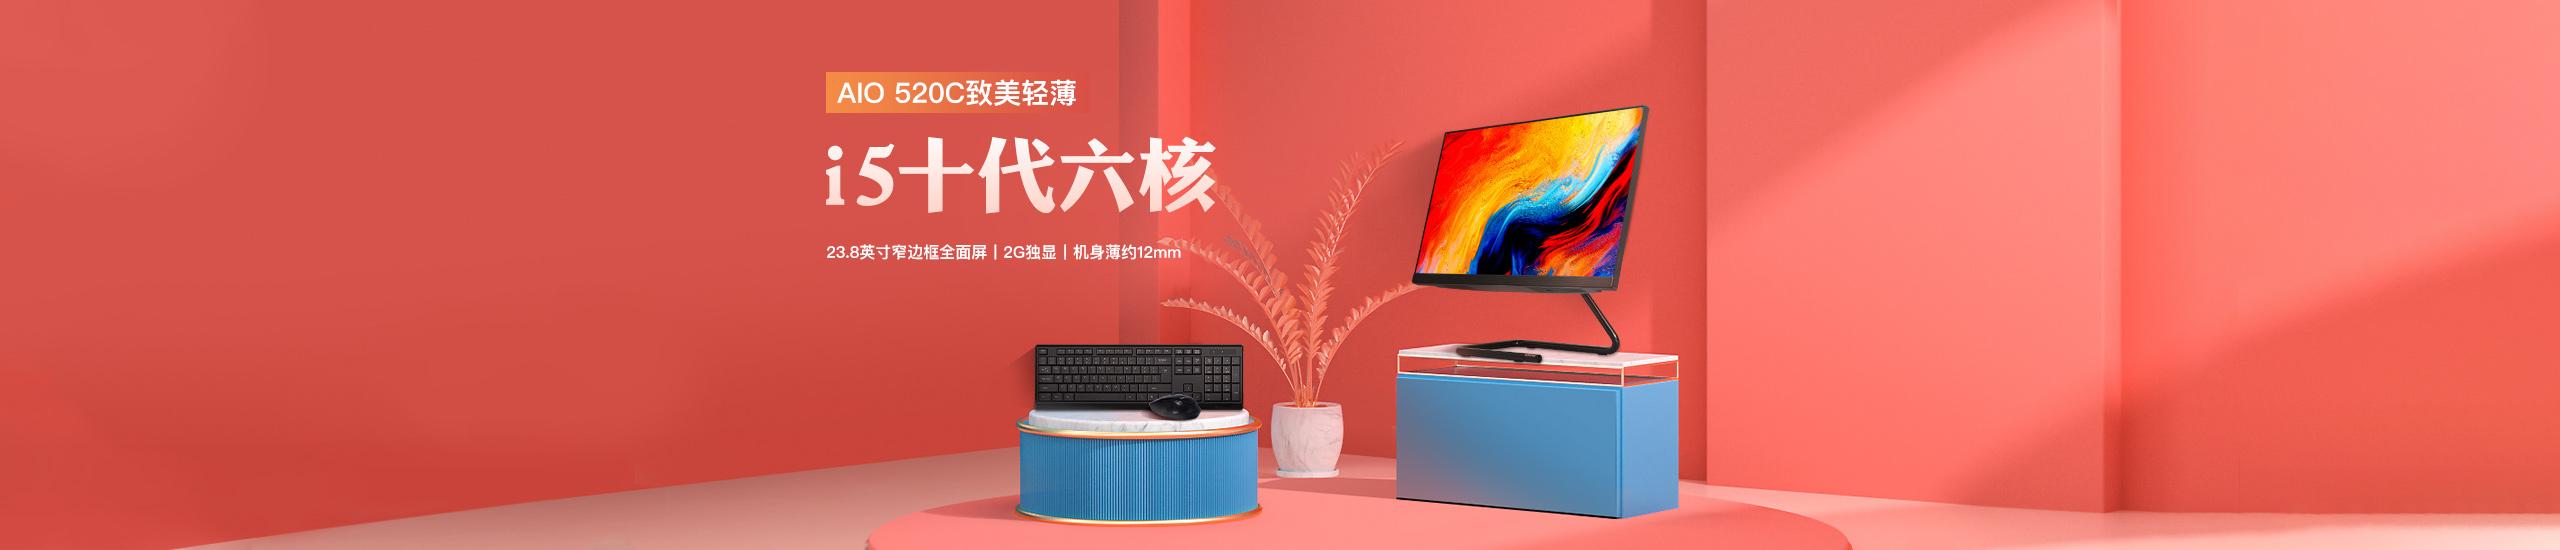 联想AIO电脑广告